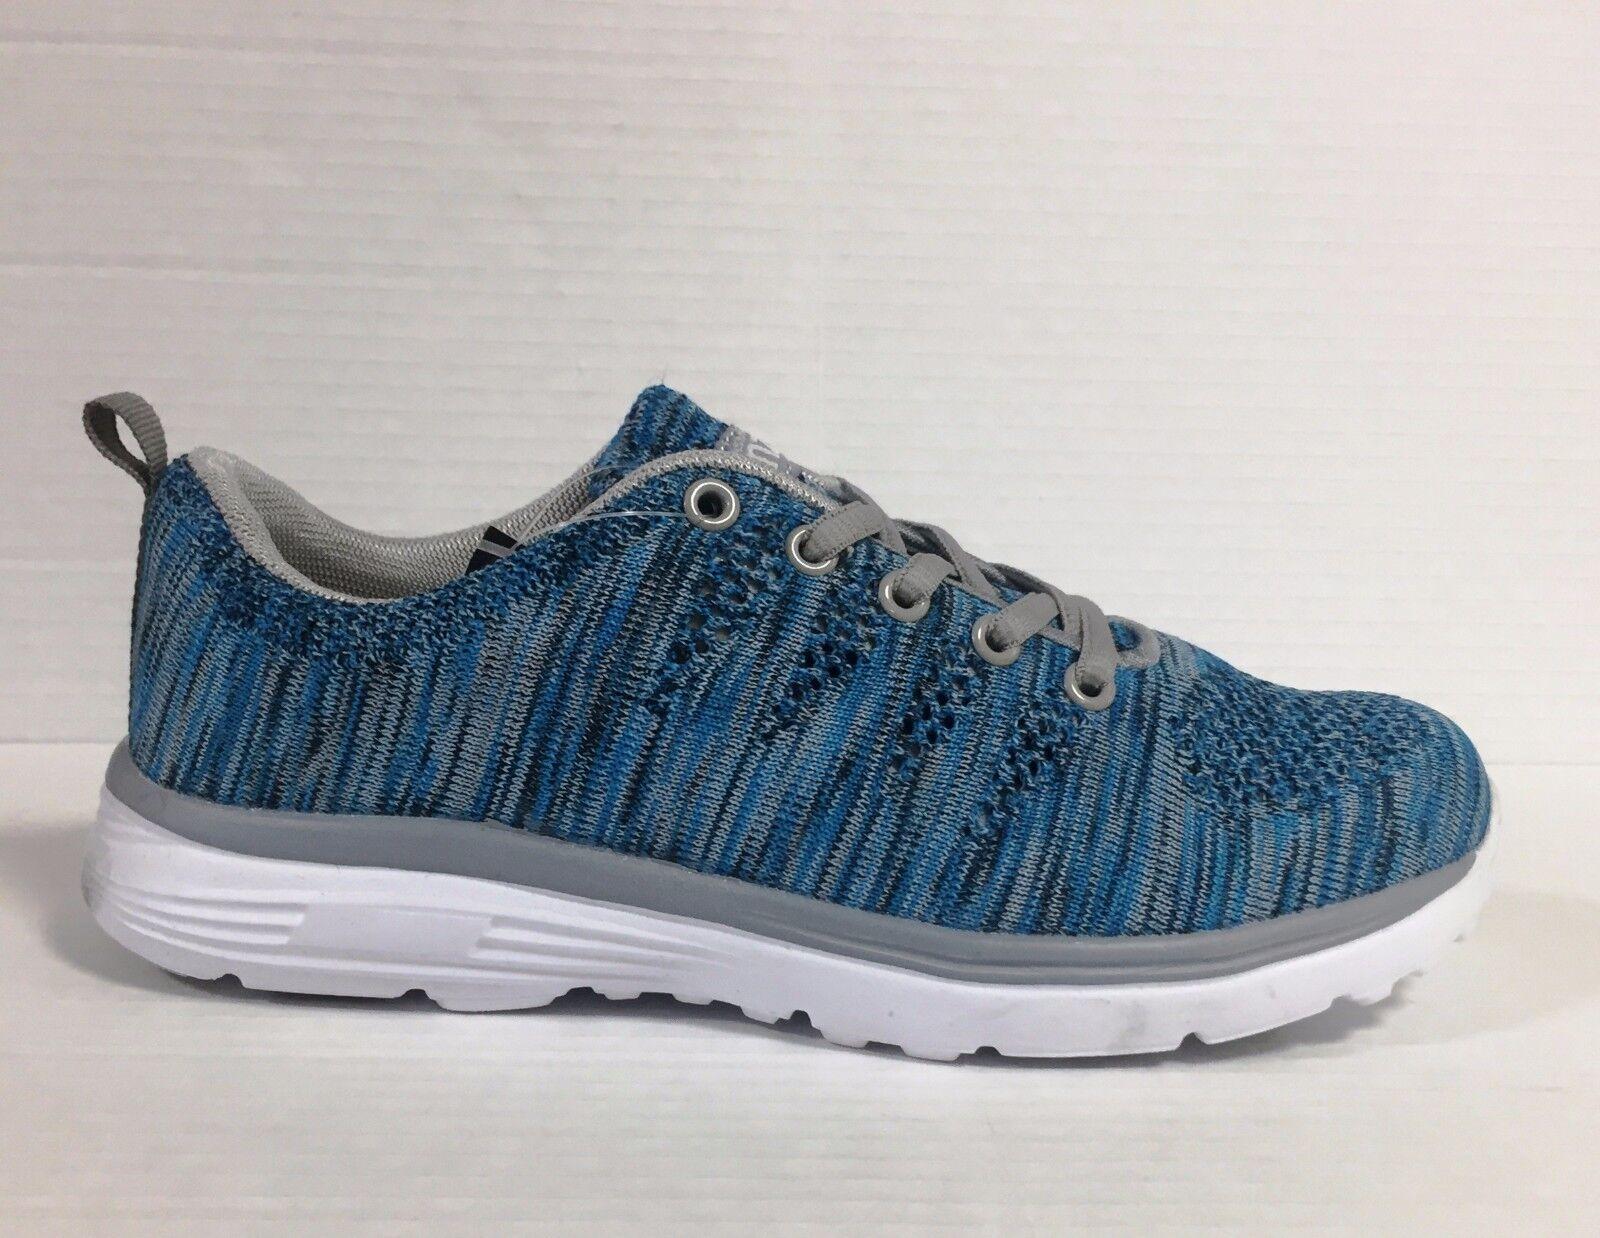 8597ce6d Talla DANZA zapatillas mujer espuma de memoria Step zapatos plantar  nocpgm58-Zapatillas deportivas